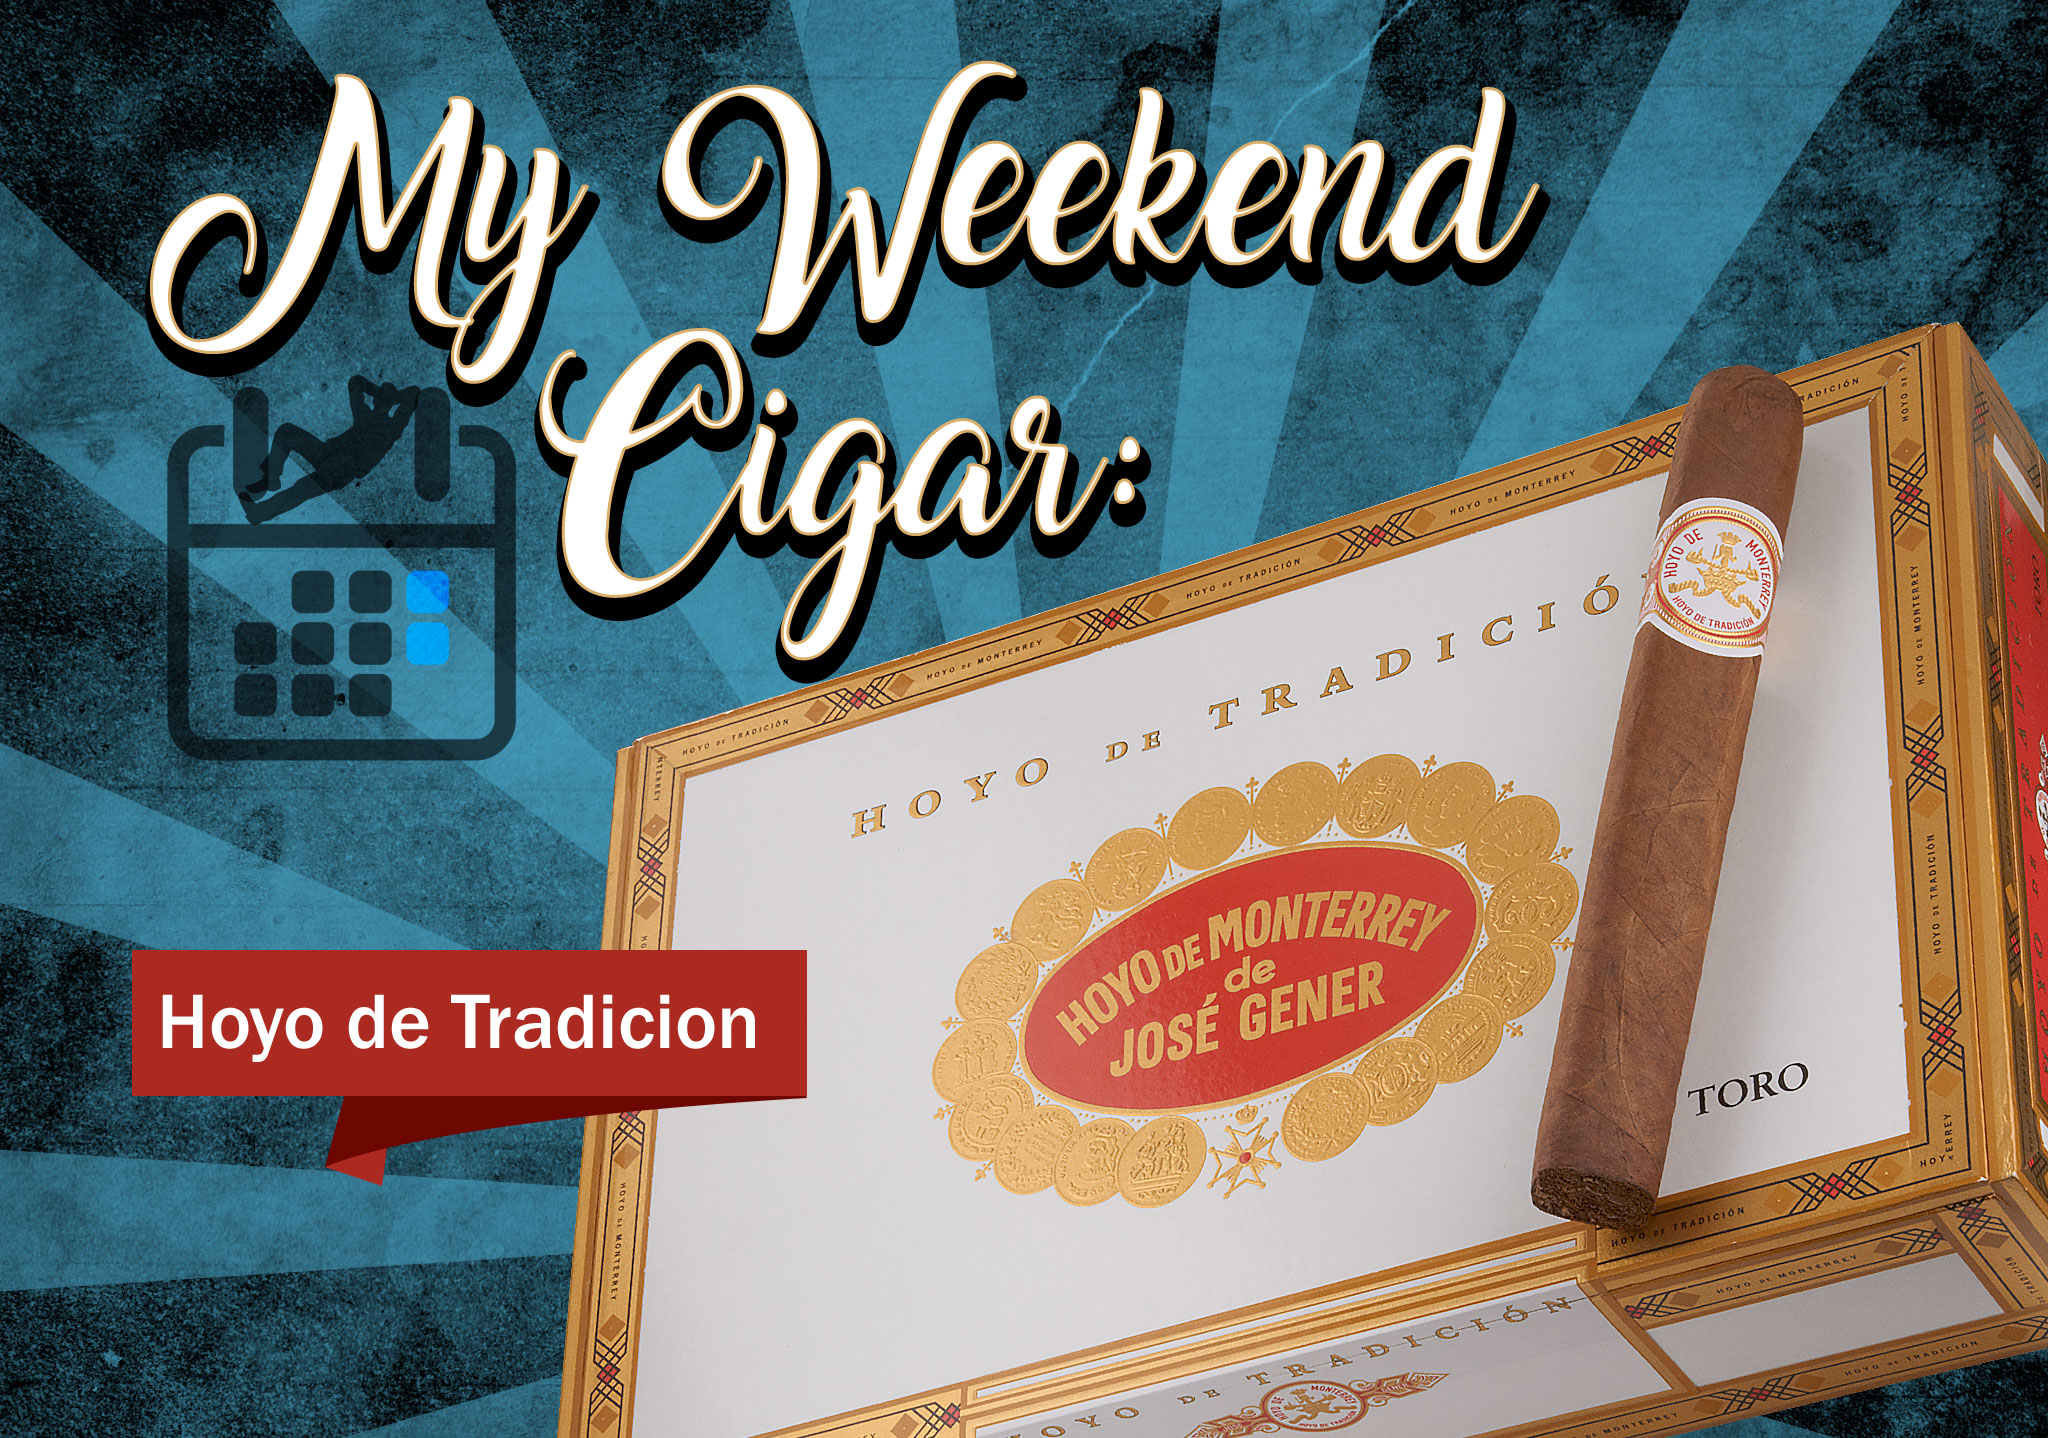 My Weekend Cigar – Sept. 25, 2017: Hoyo de Tradicion